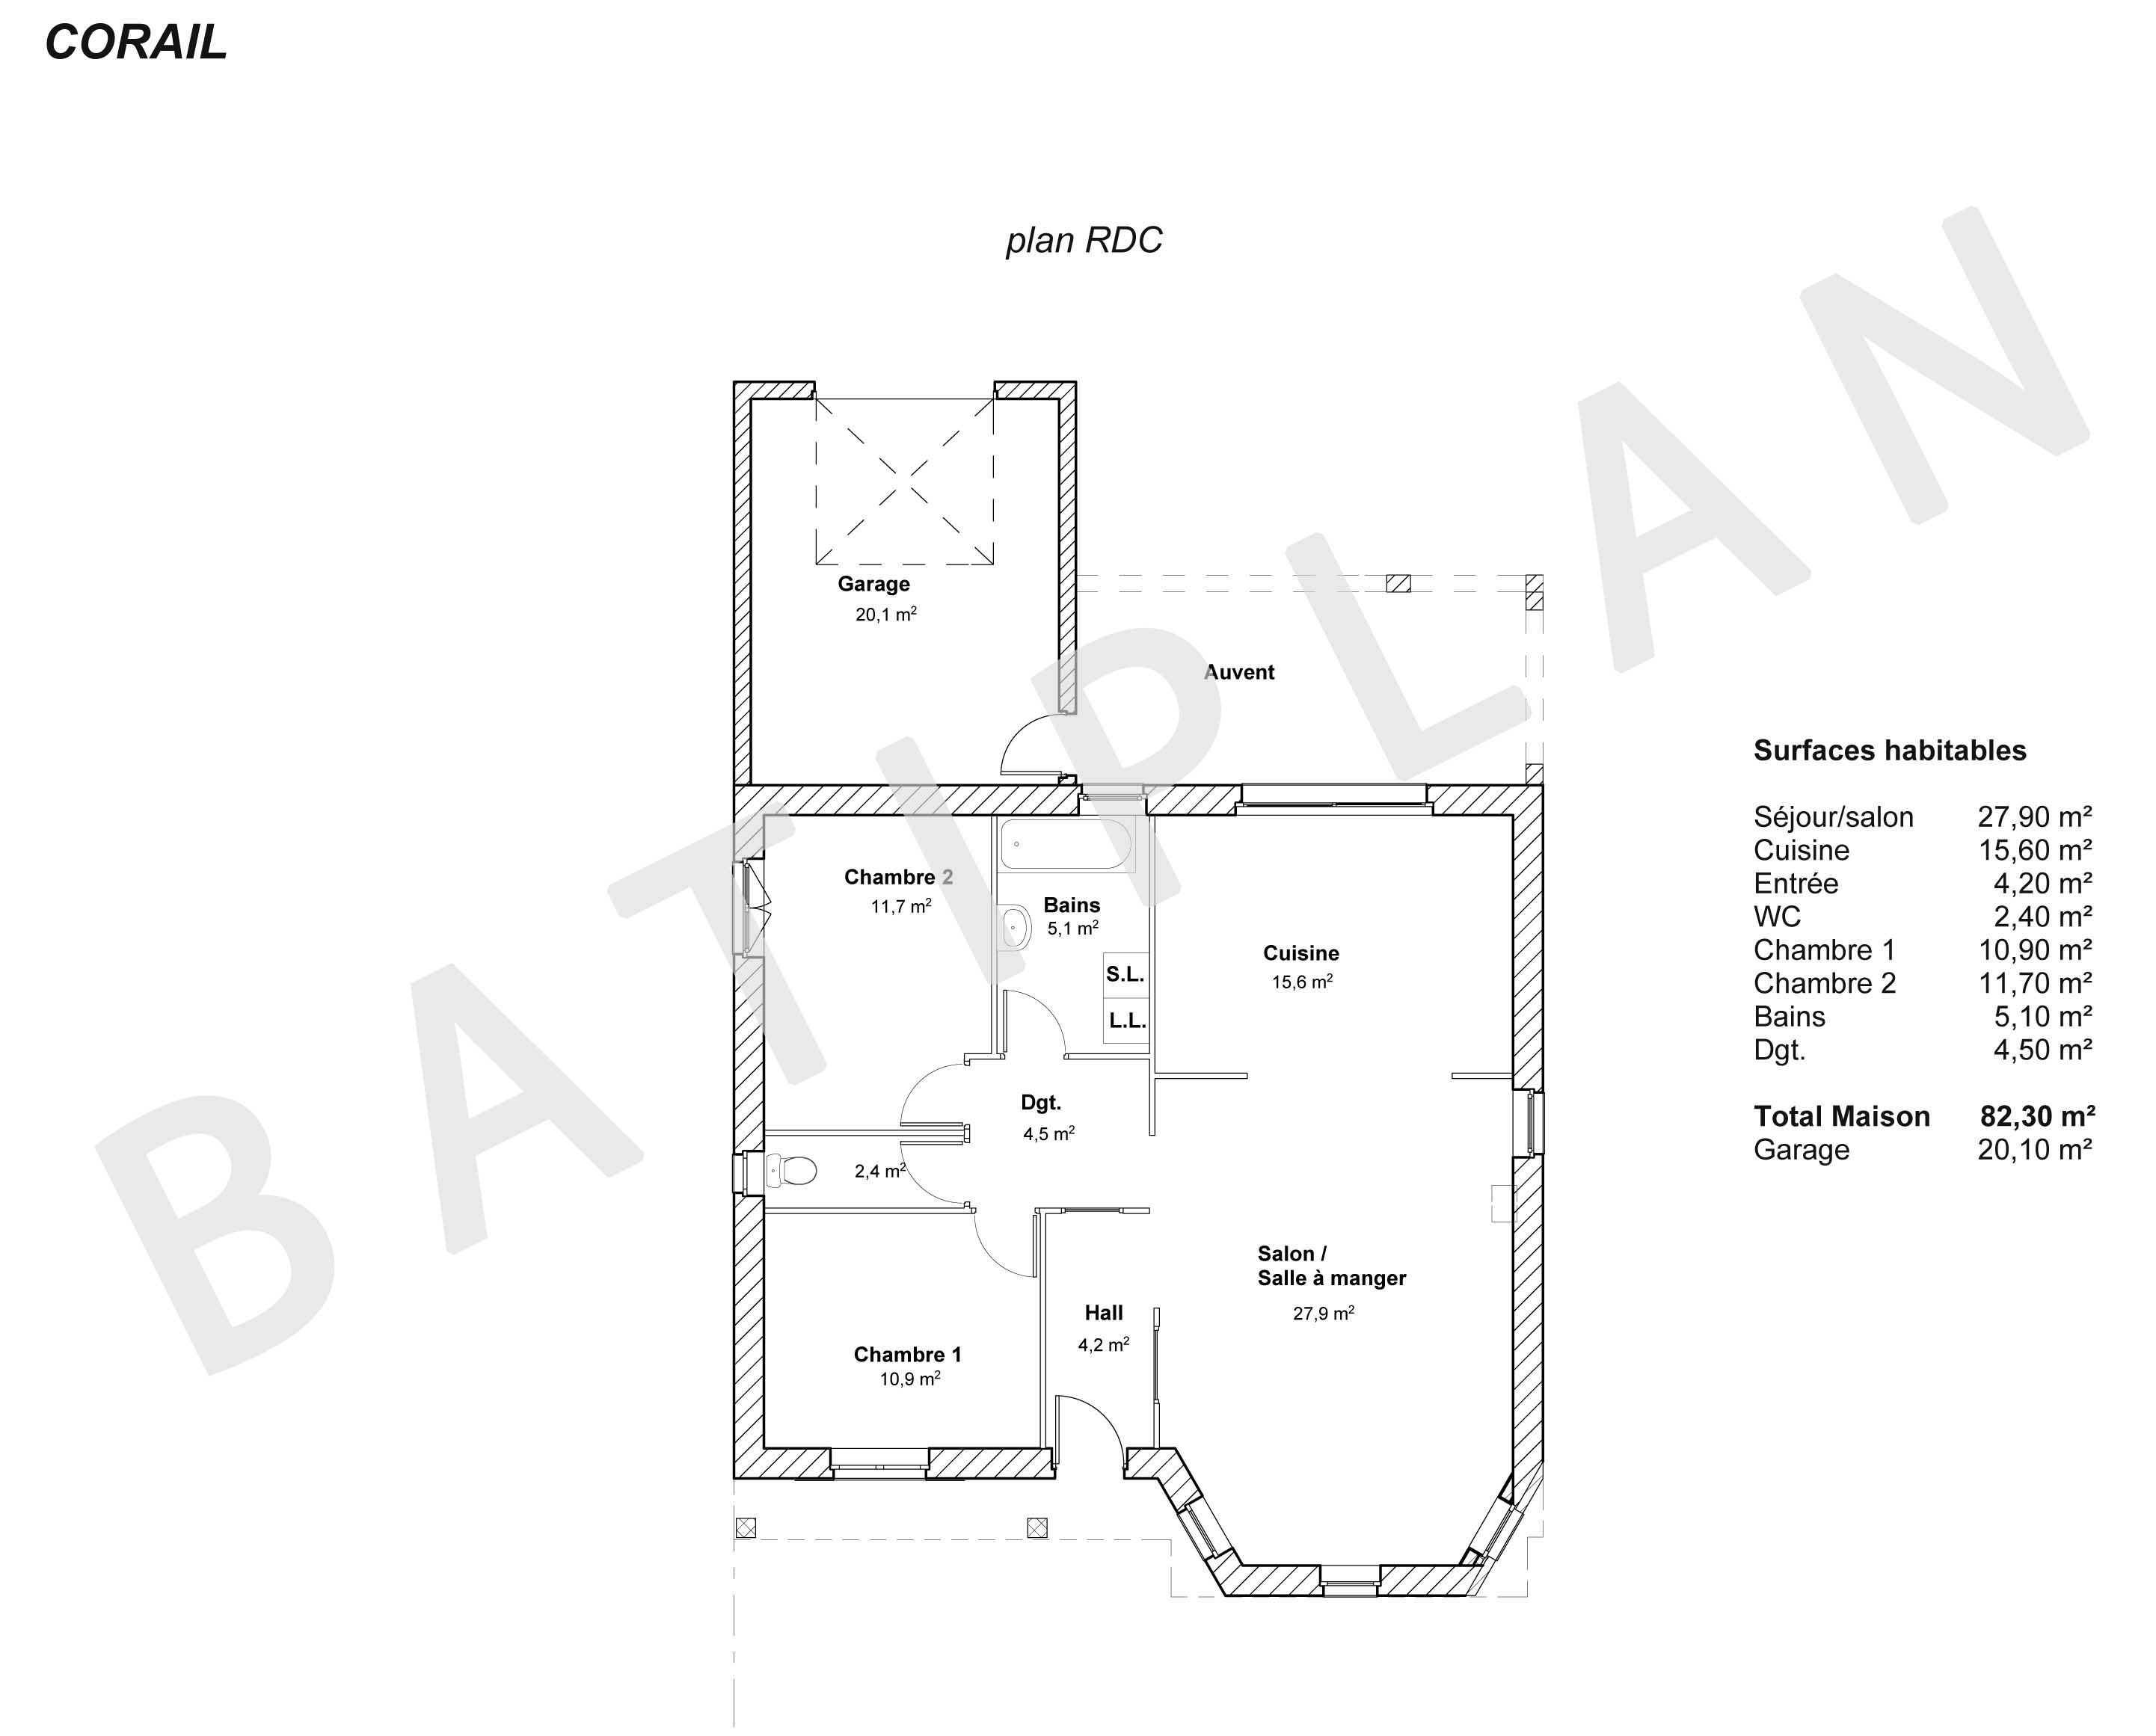 Plans et permis de construire notre plan de maison corail for Site de plan de maison